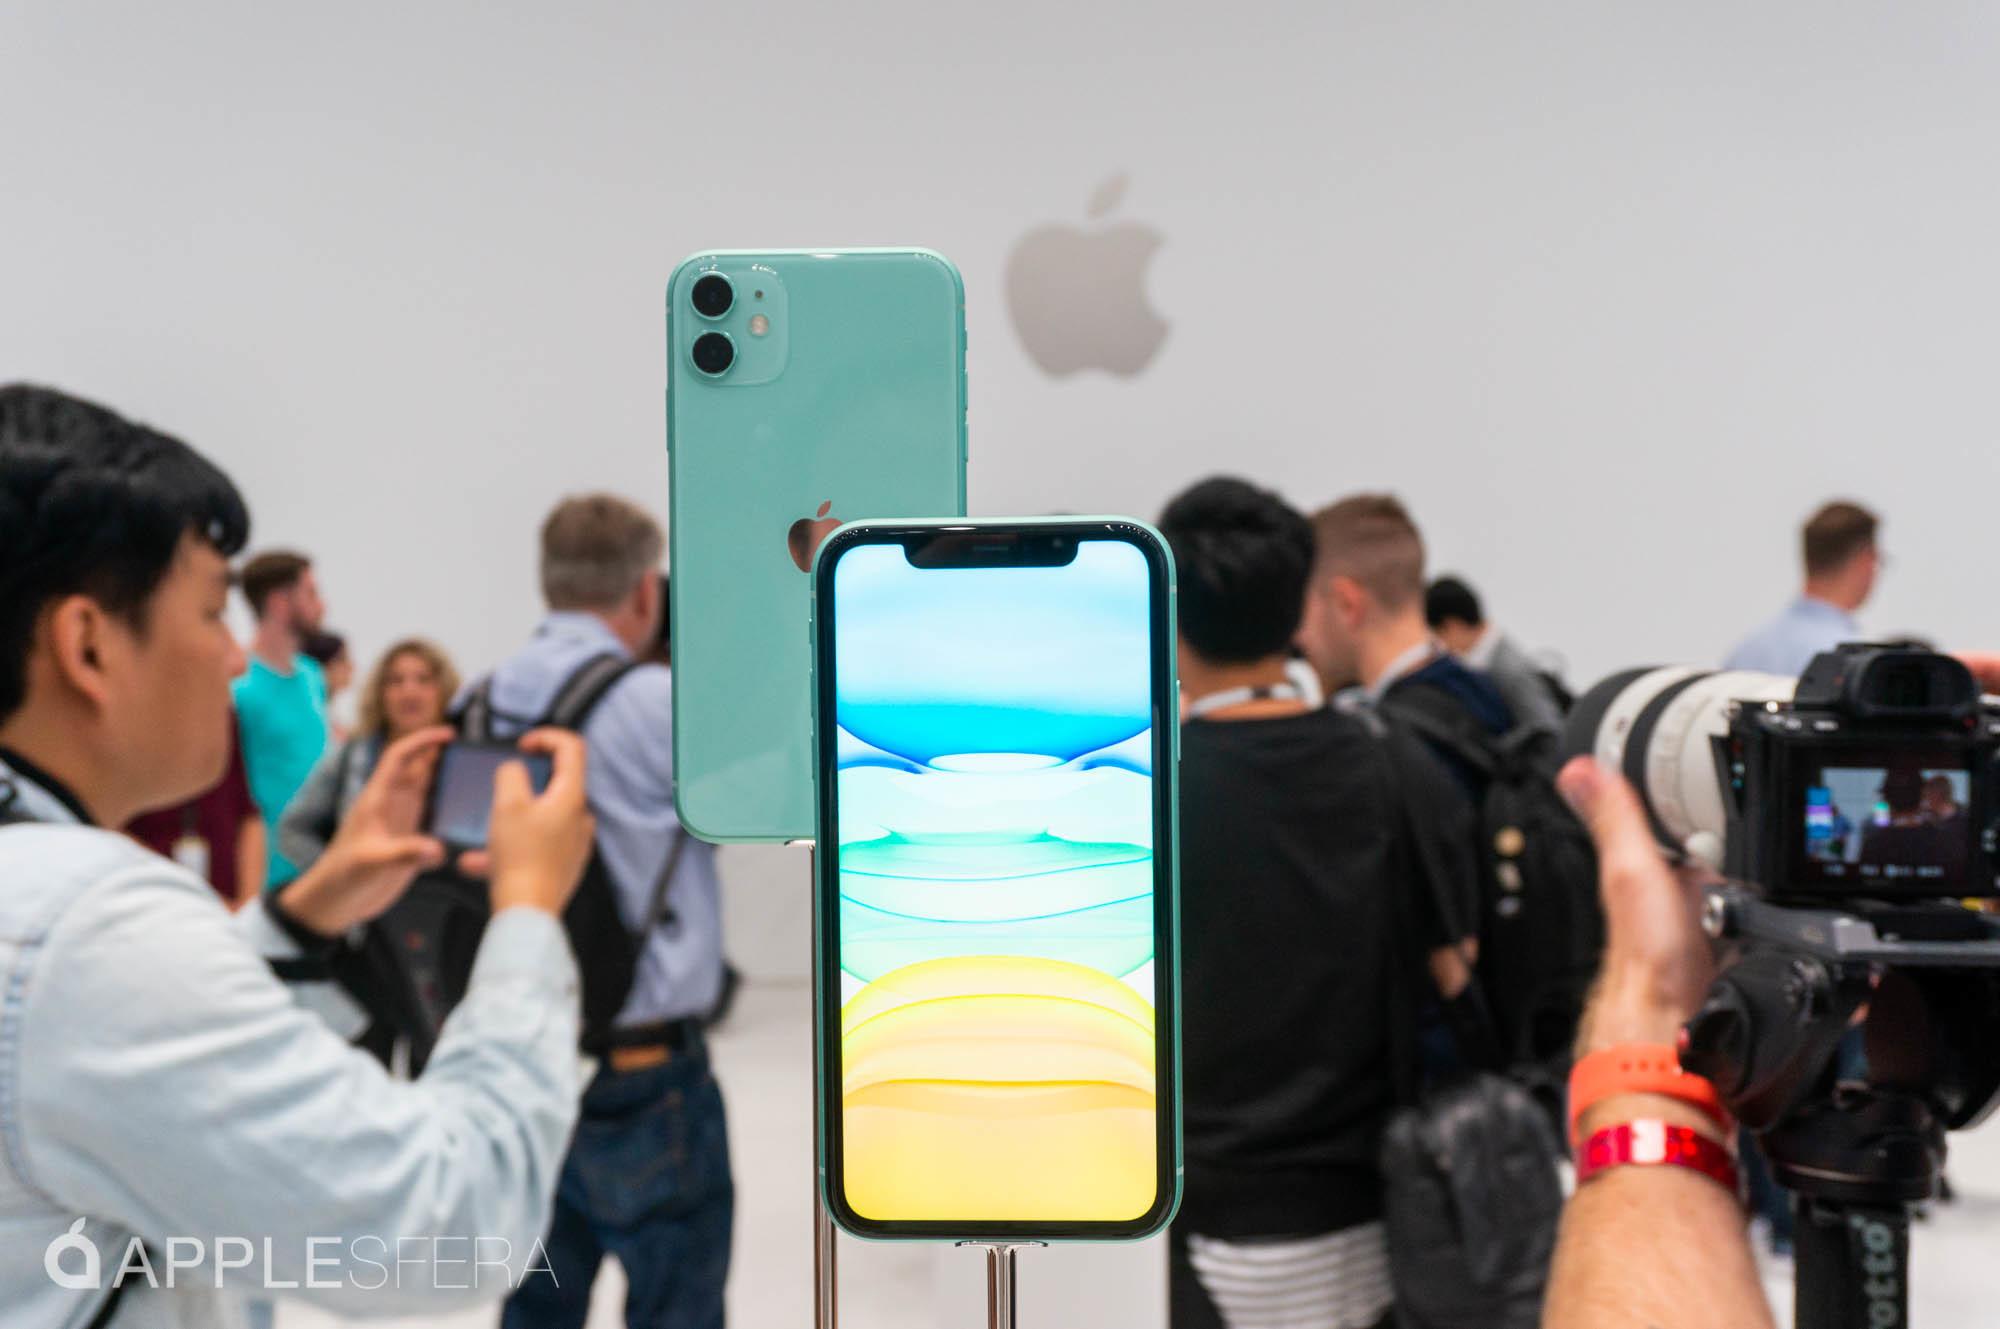 Fotos Apple Keynote 10 Septiembre 2019